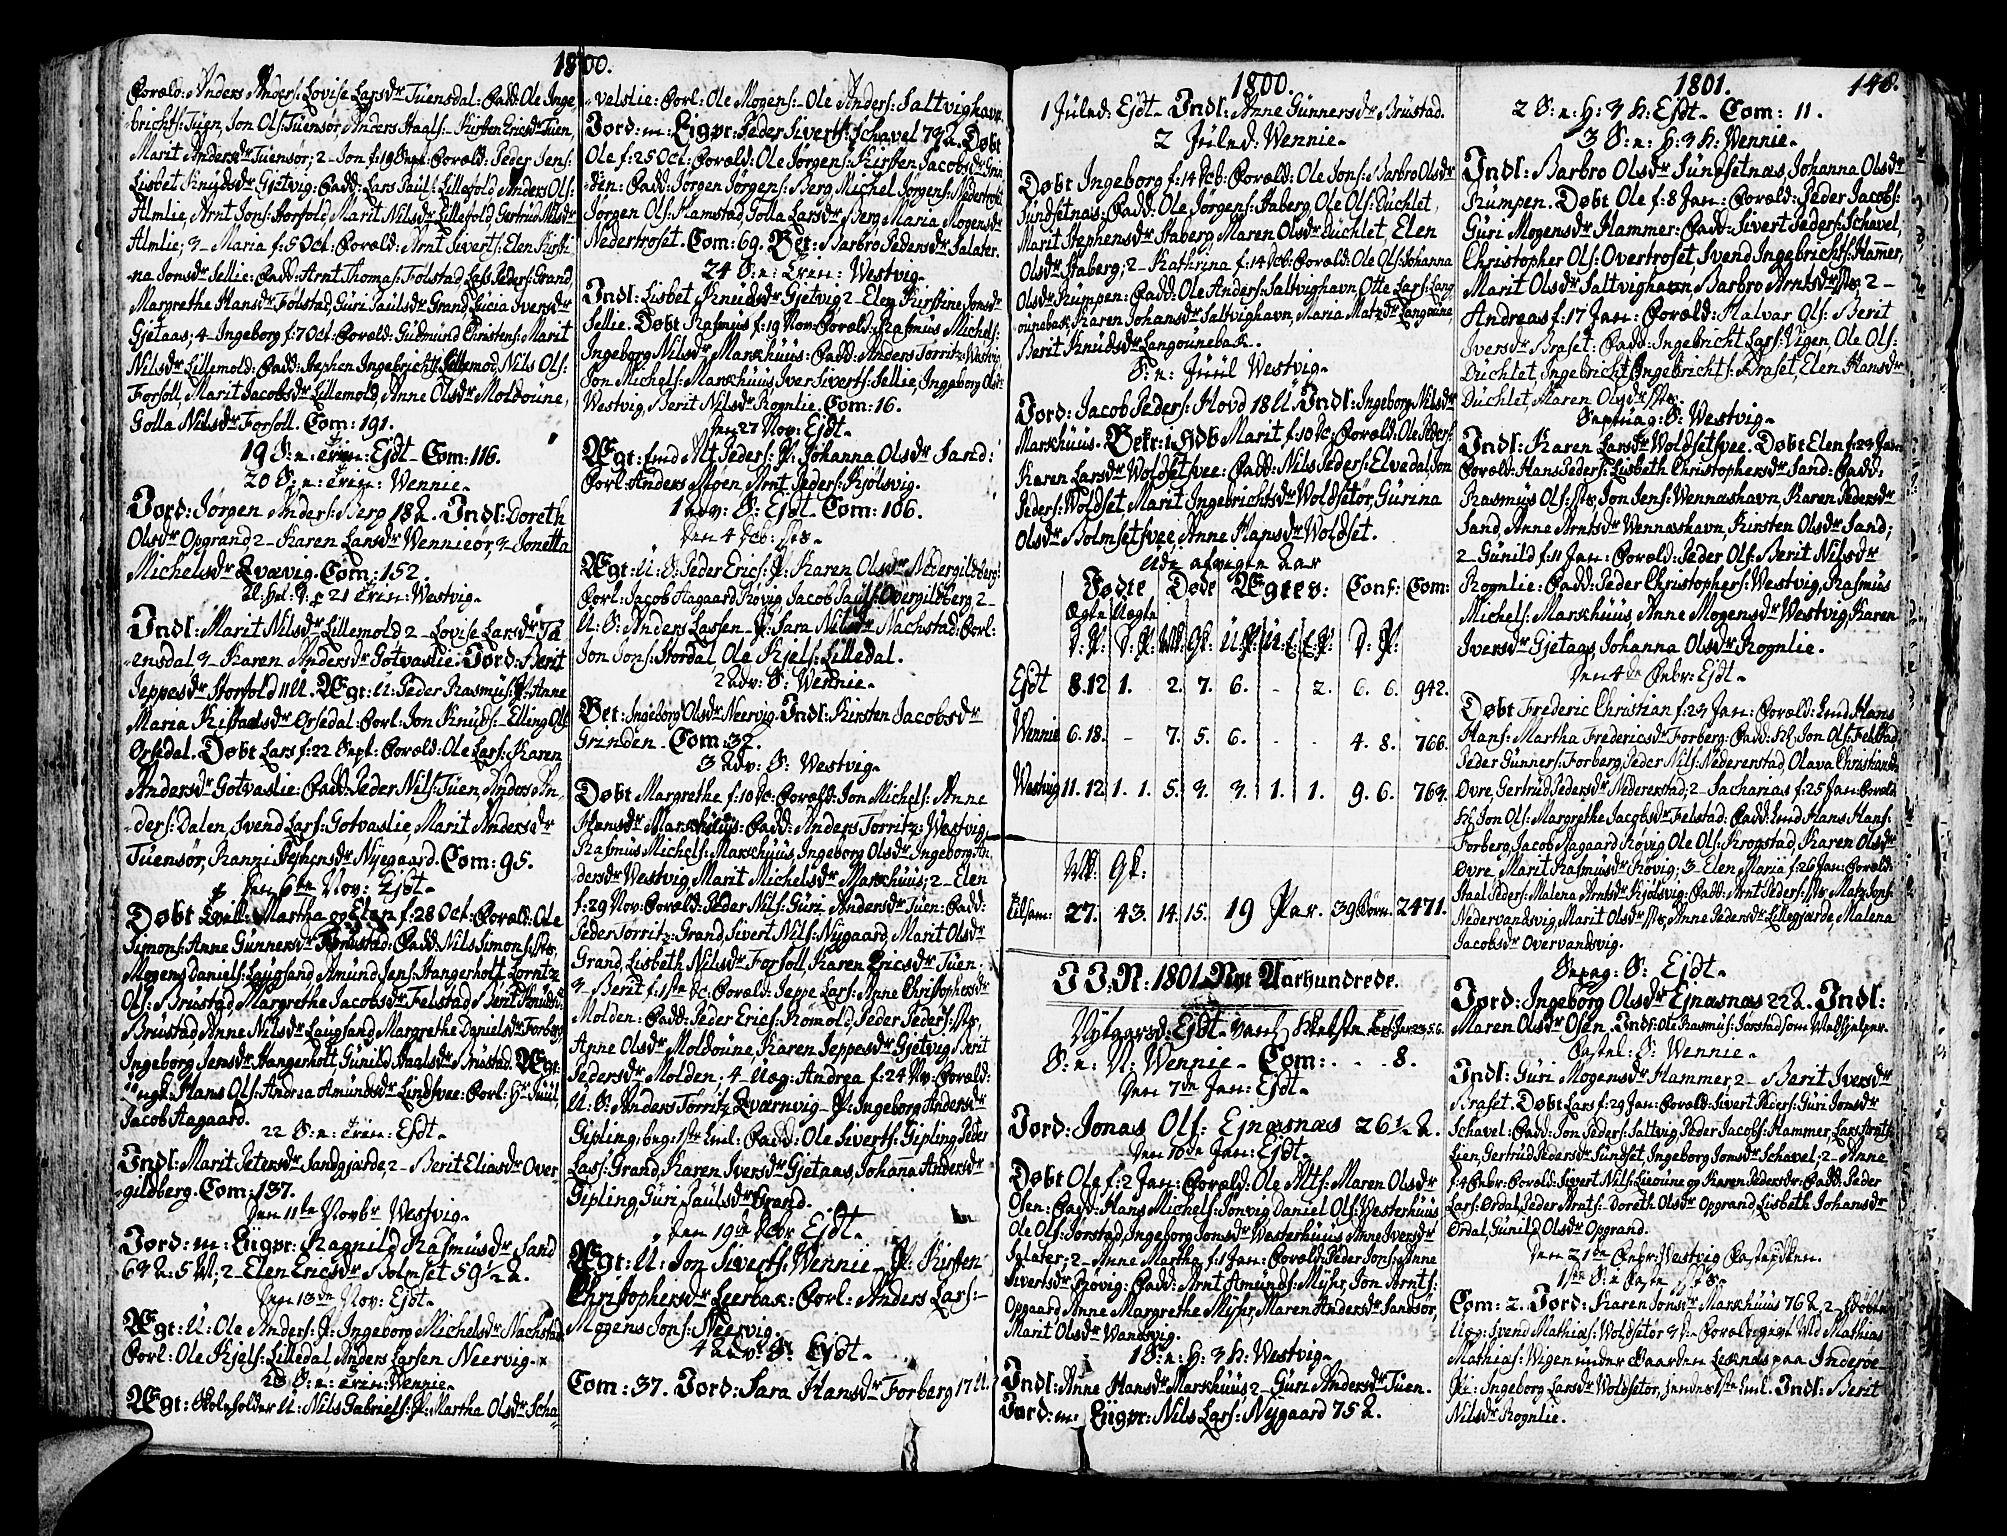 SAT, Ministerialprotokoller, klokkerbøker og fødselsregistre - Nord-Trøndelag, 722/L0216: Ministerialbok nr. 722A03, 1756-1816, s. 148